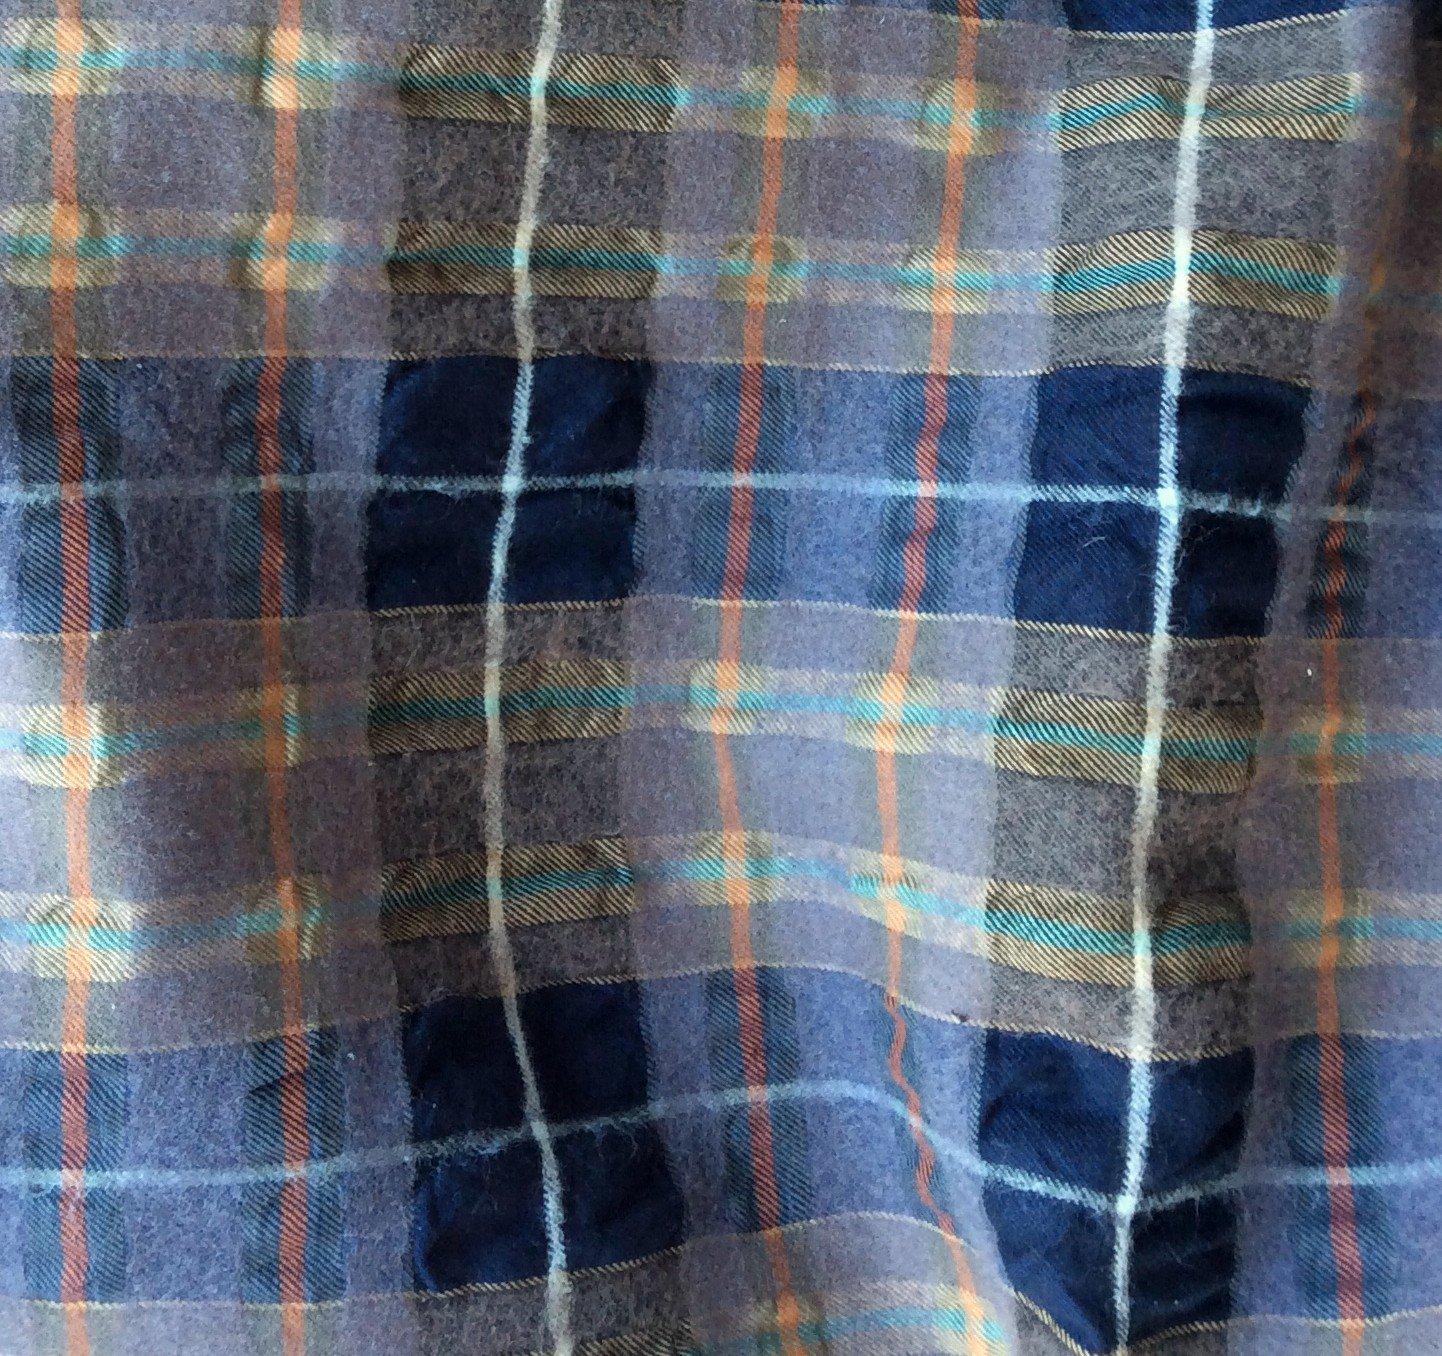 Tissus ecossais marine gris orange cloqué